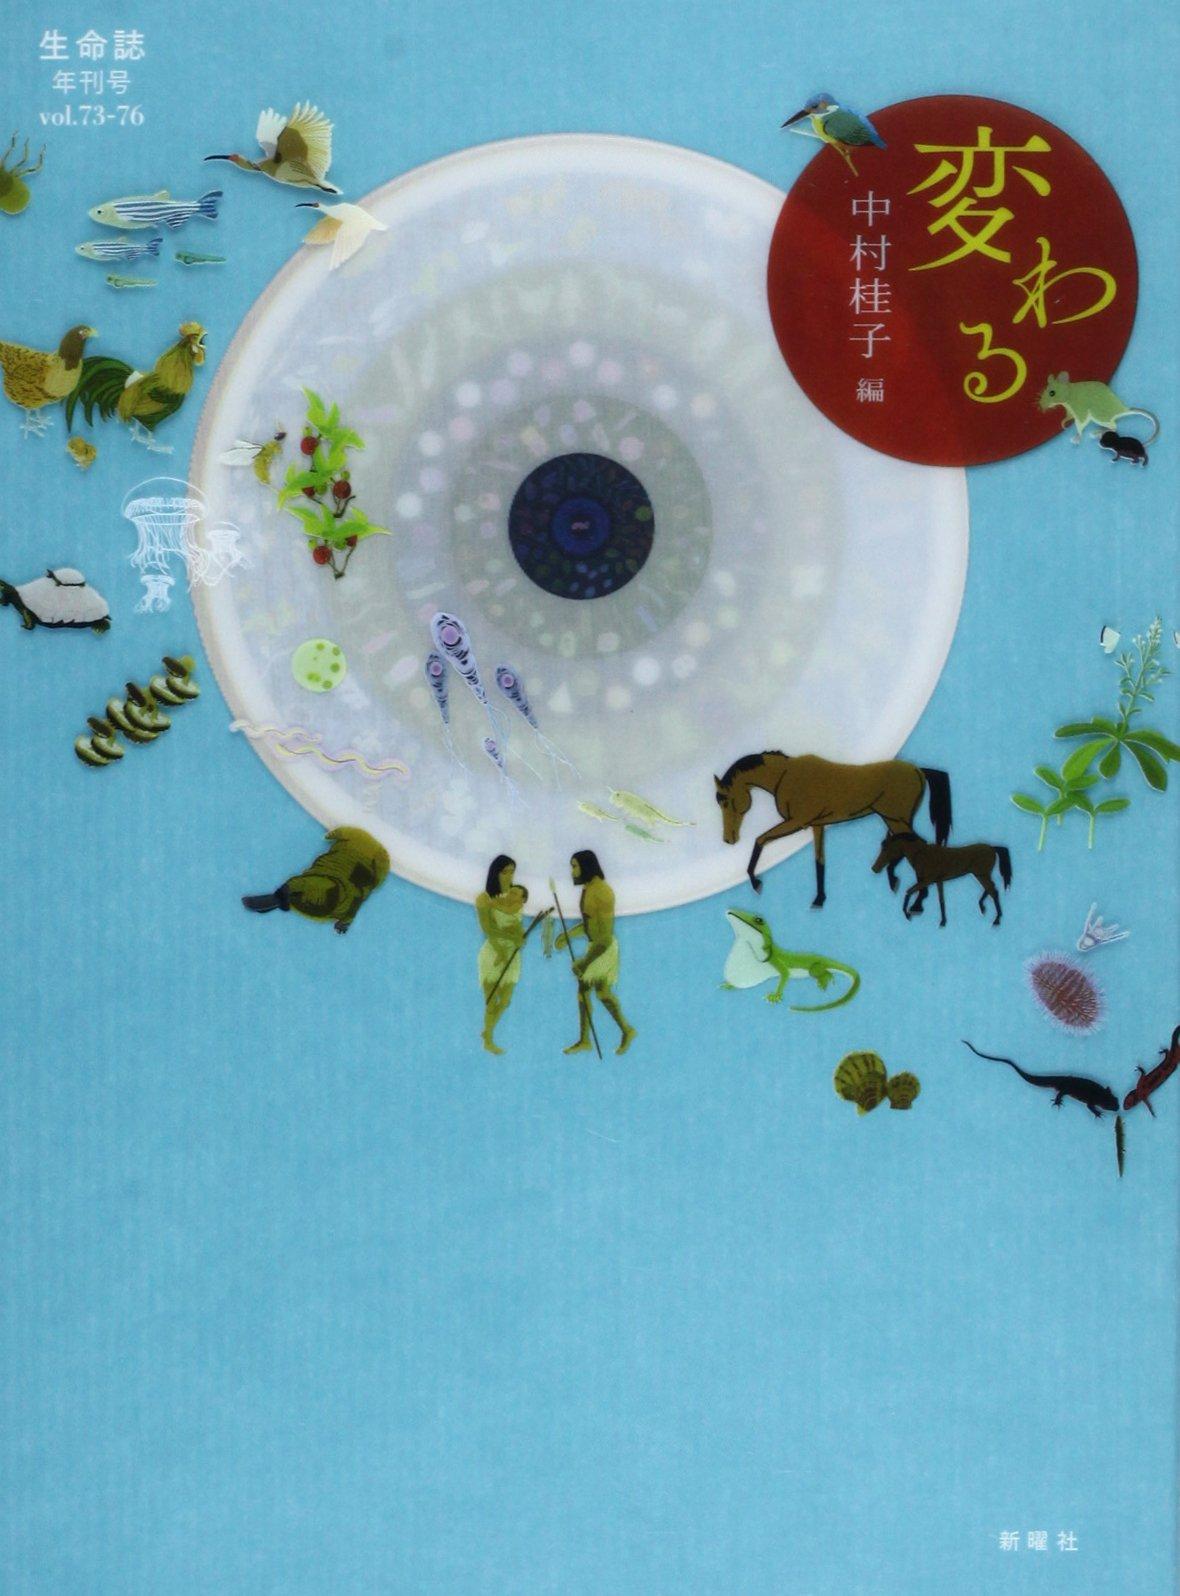 生命誌 : 年刊å·. [2014]vol.73-76.Seimeishi : Nenkango. 2014. ePub fb2 ebook